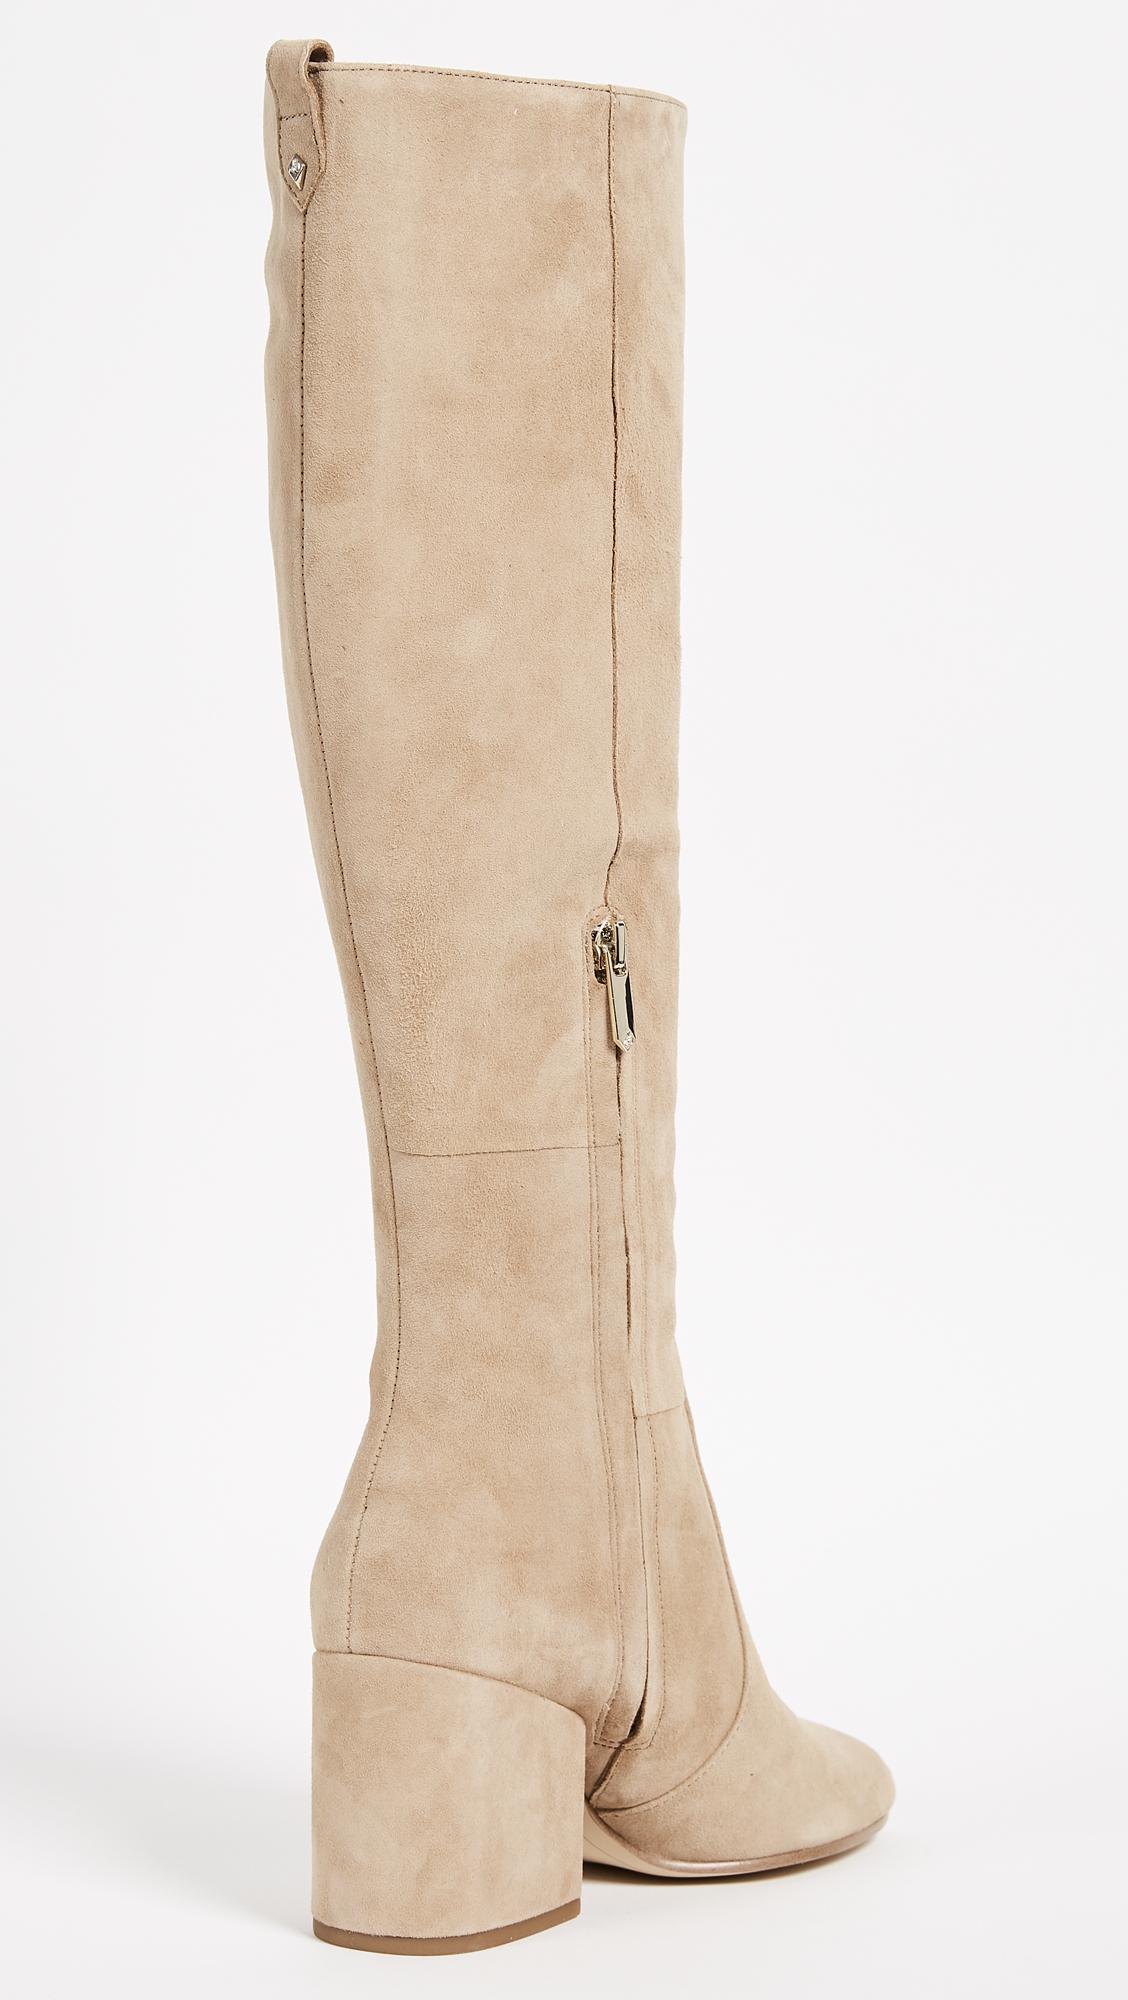 7414ebd4d Sam Edelman Thora Tall Boots